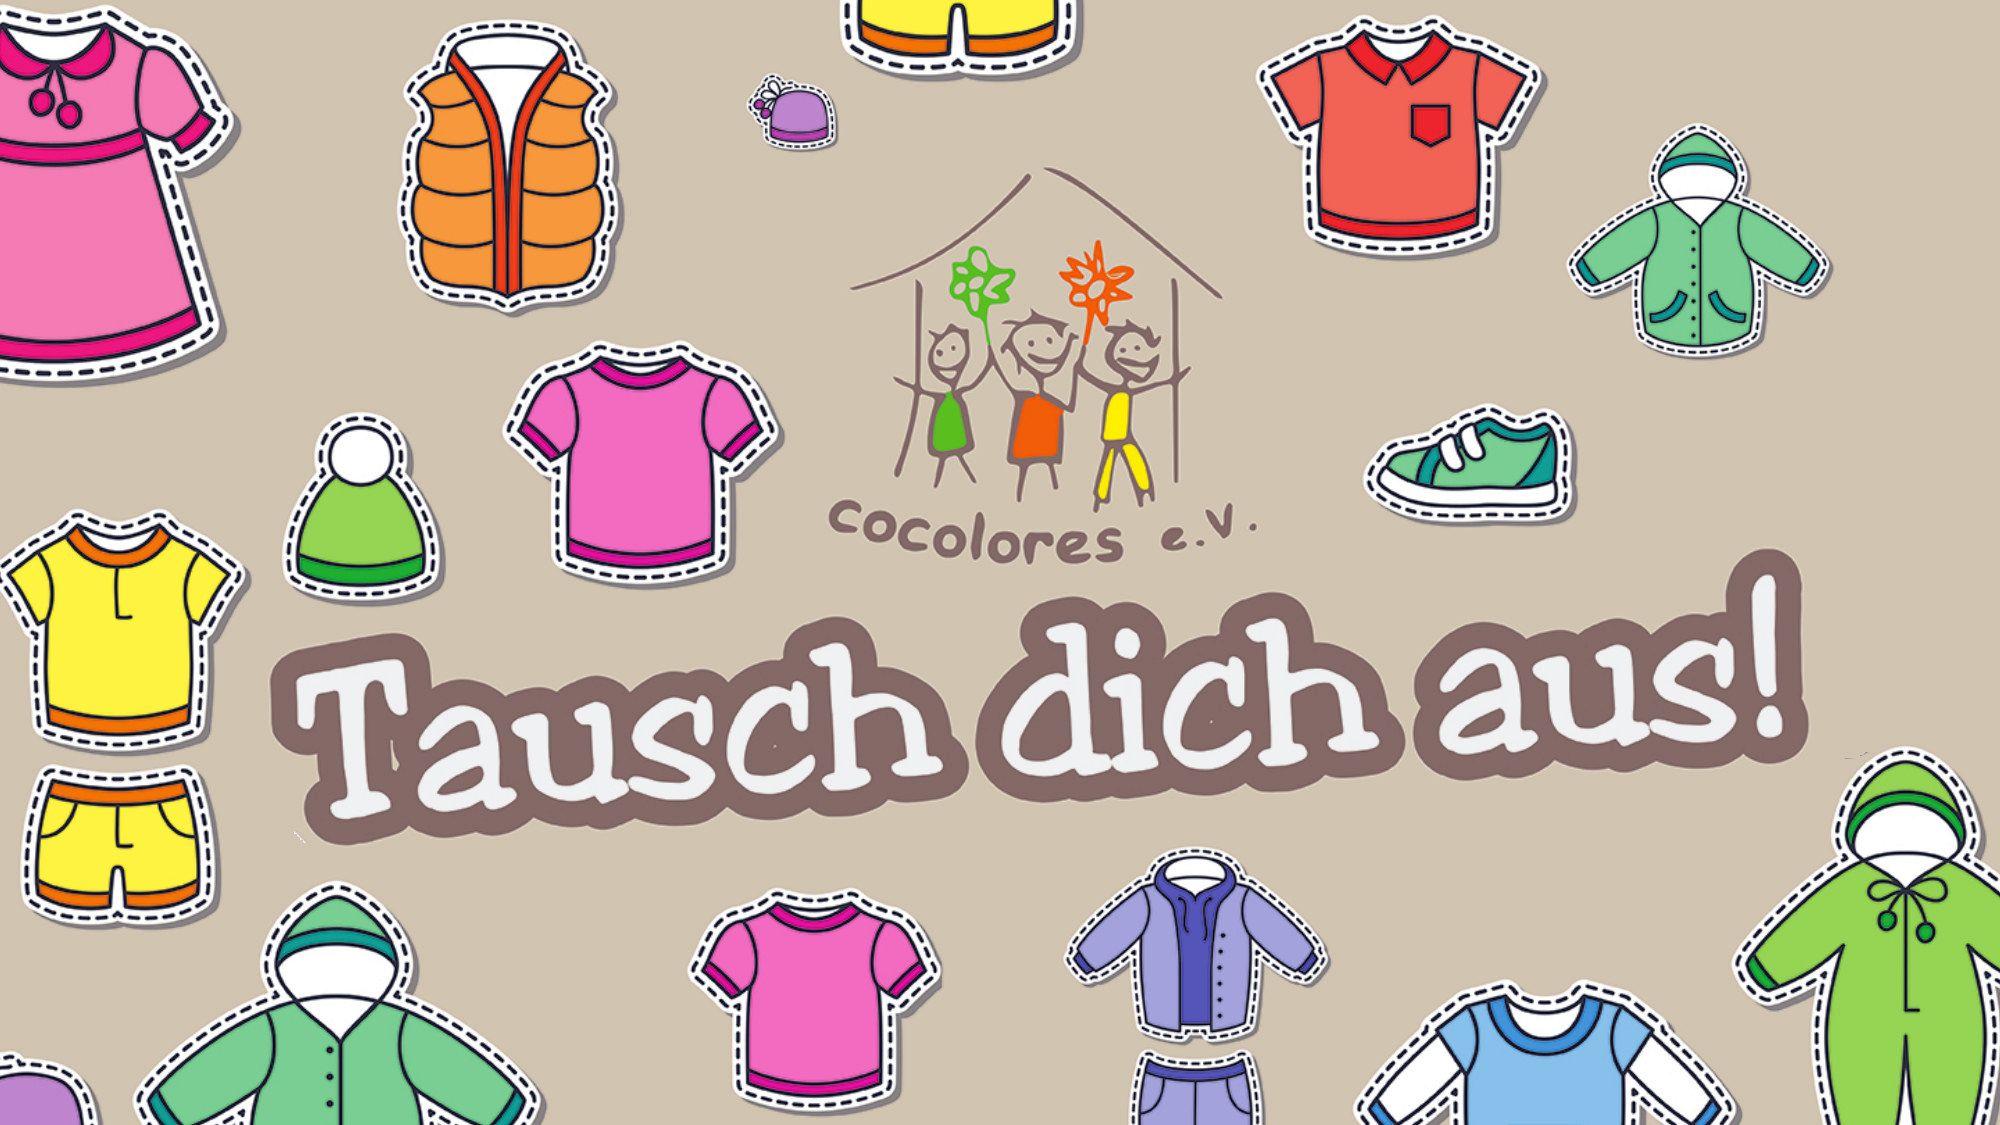 Kindersachentauschmarkt im Cocolores